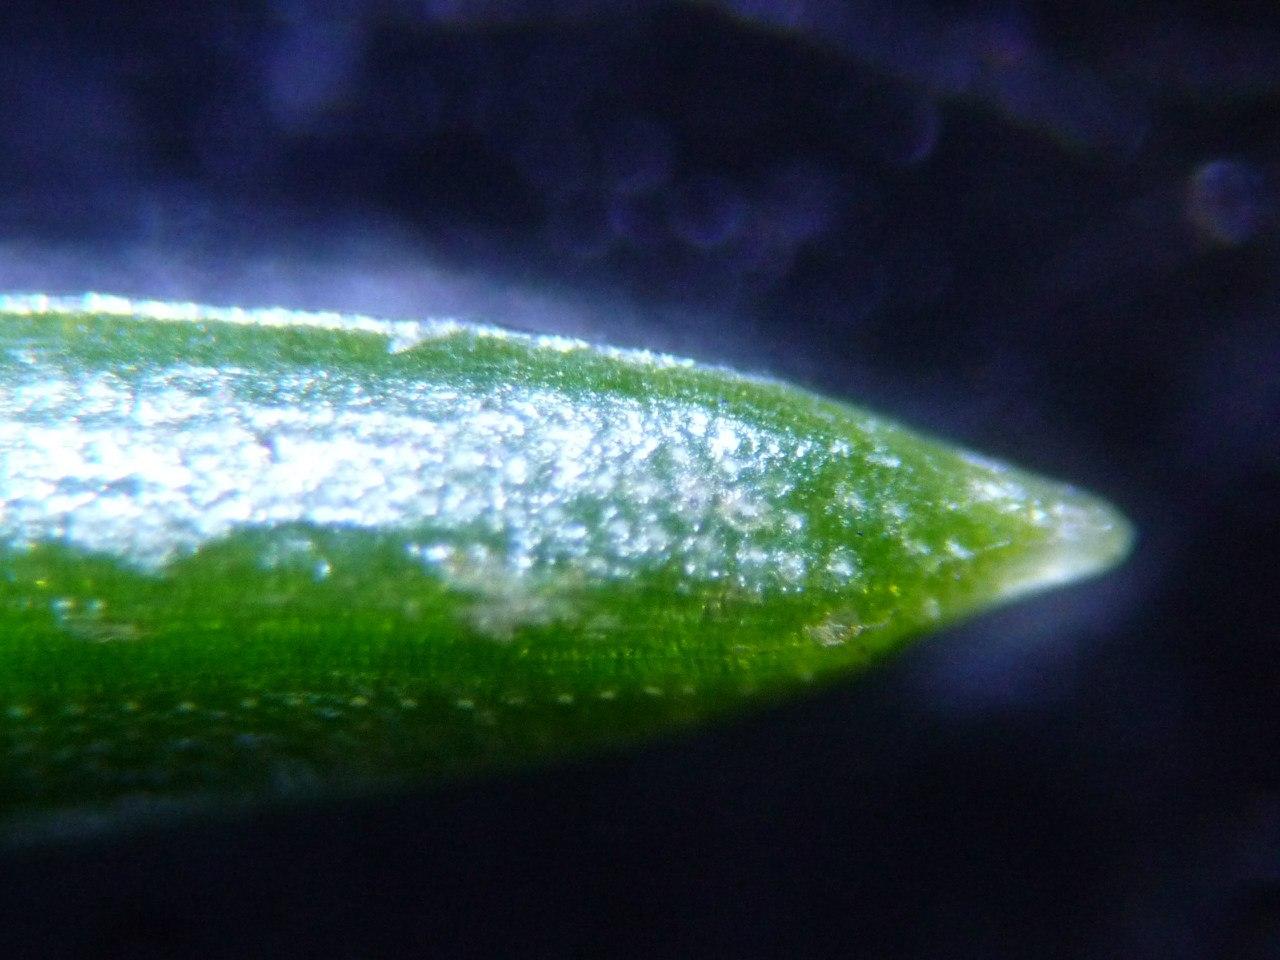 кончик еловой иголки под микроскопом